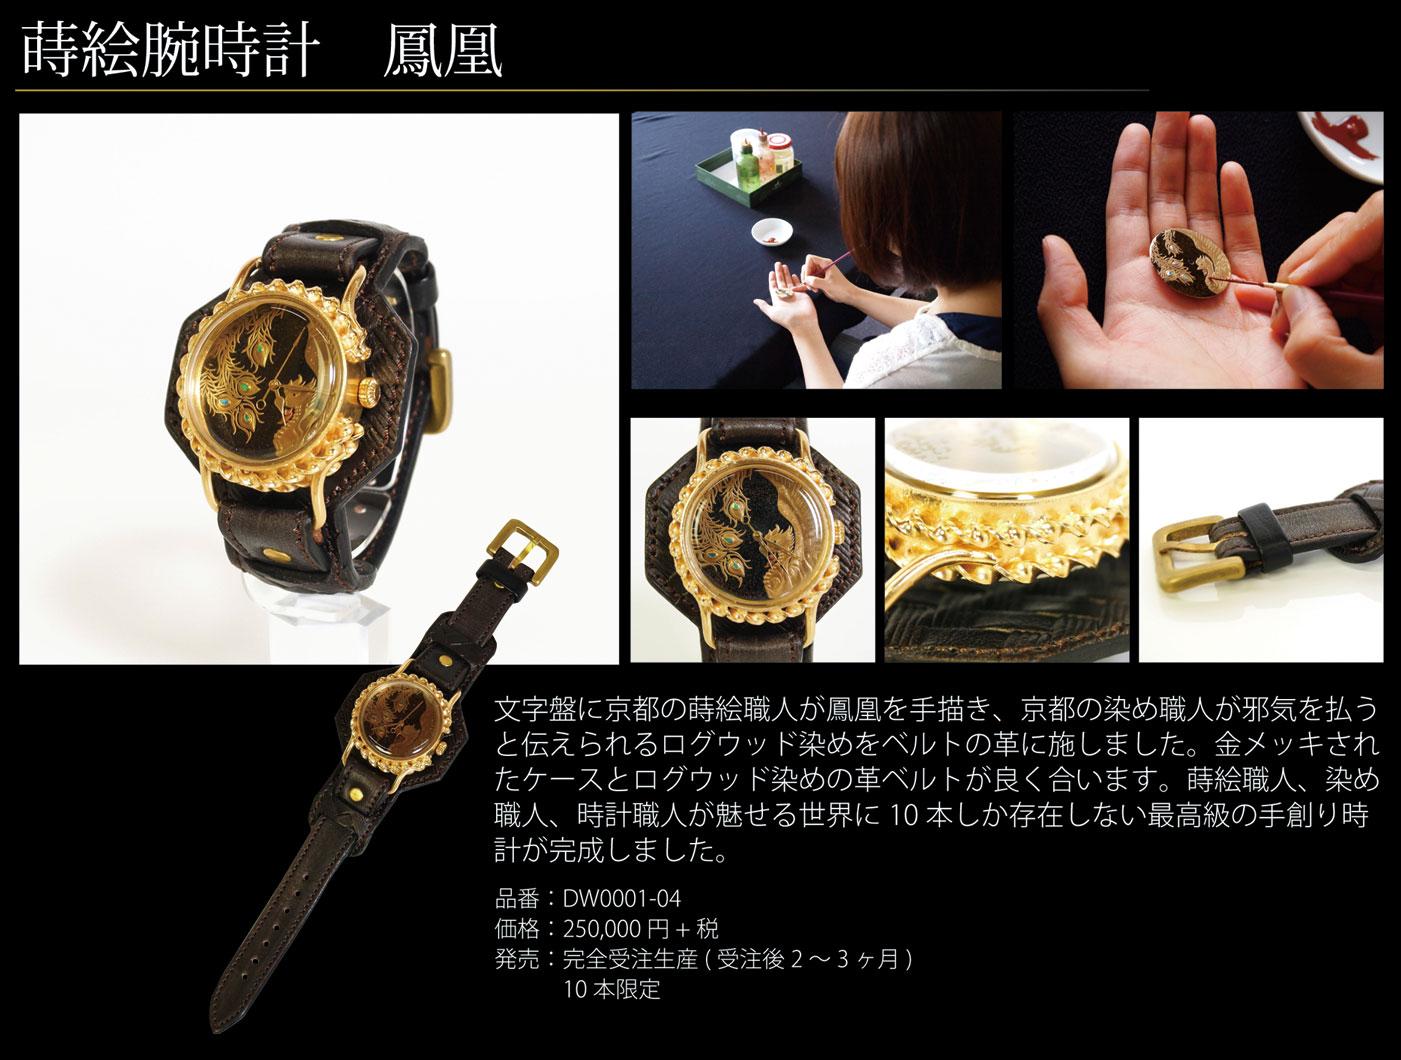 蒔絵 和柄腕時計 鳳凰